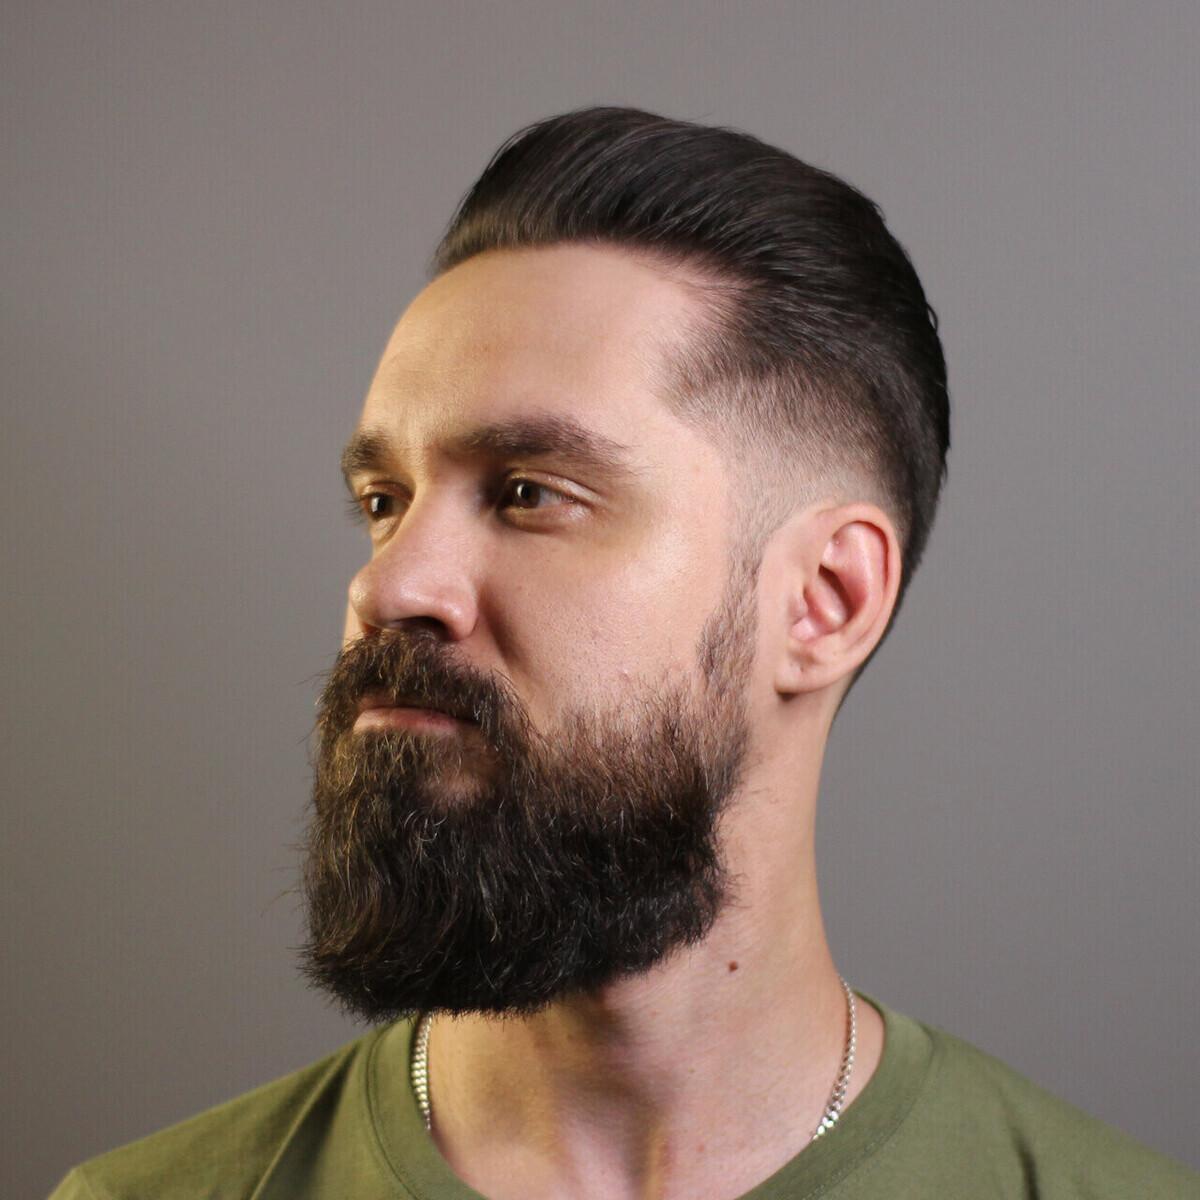 Bad Boys barbershop